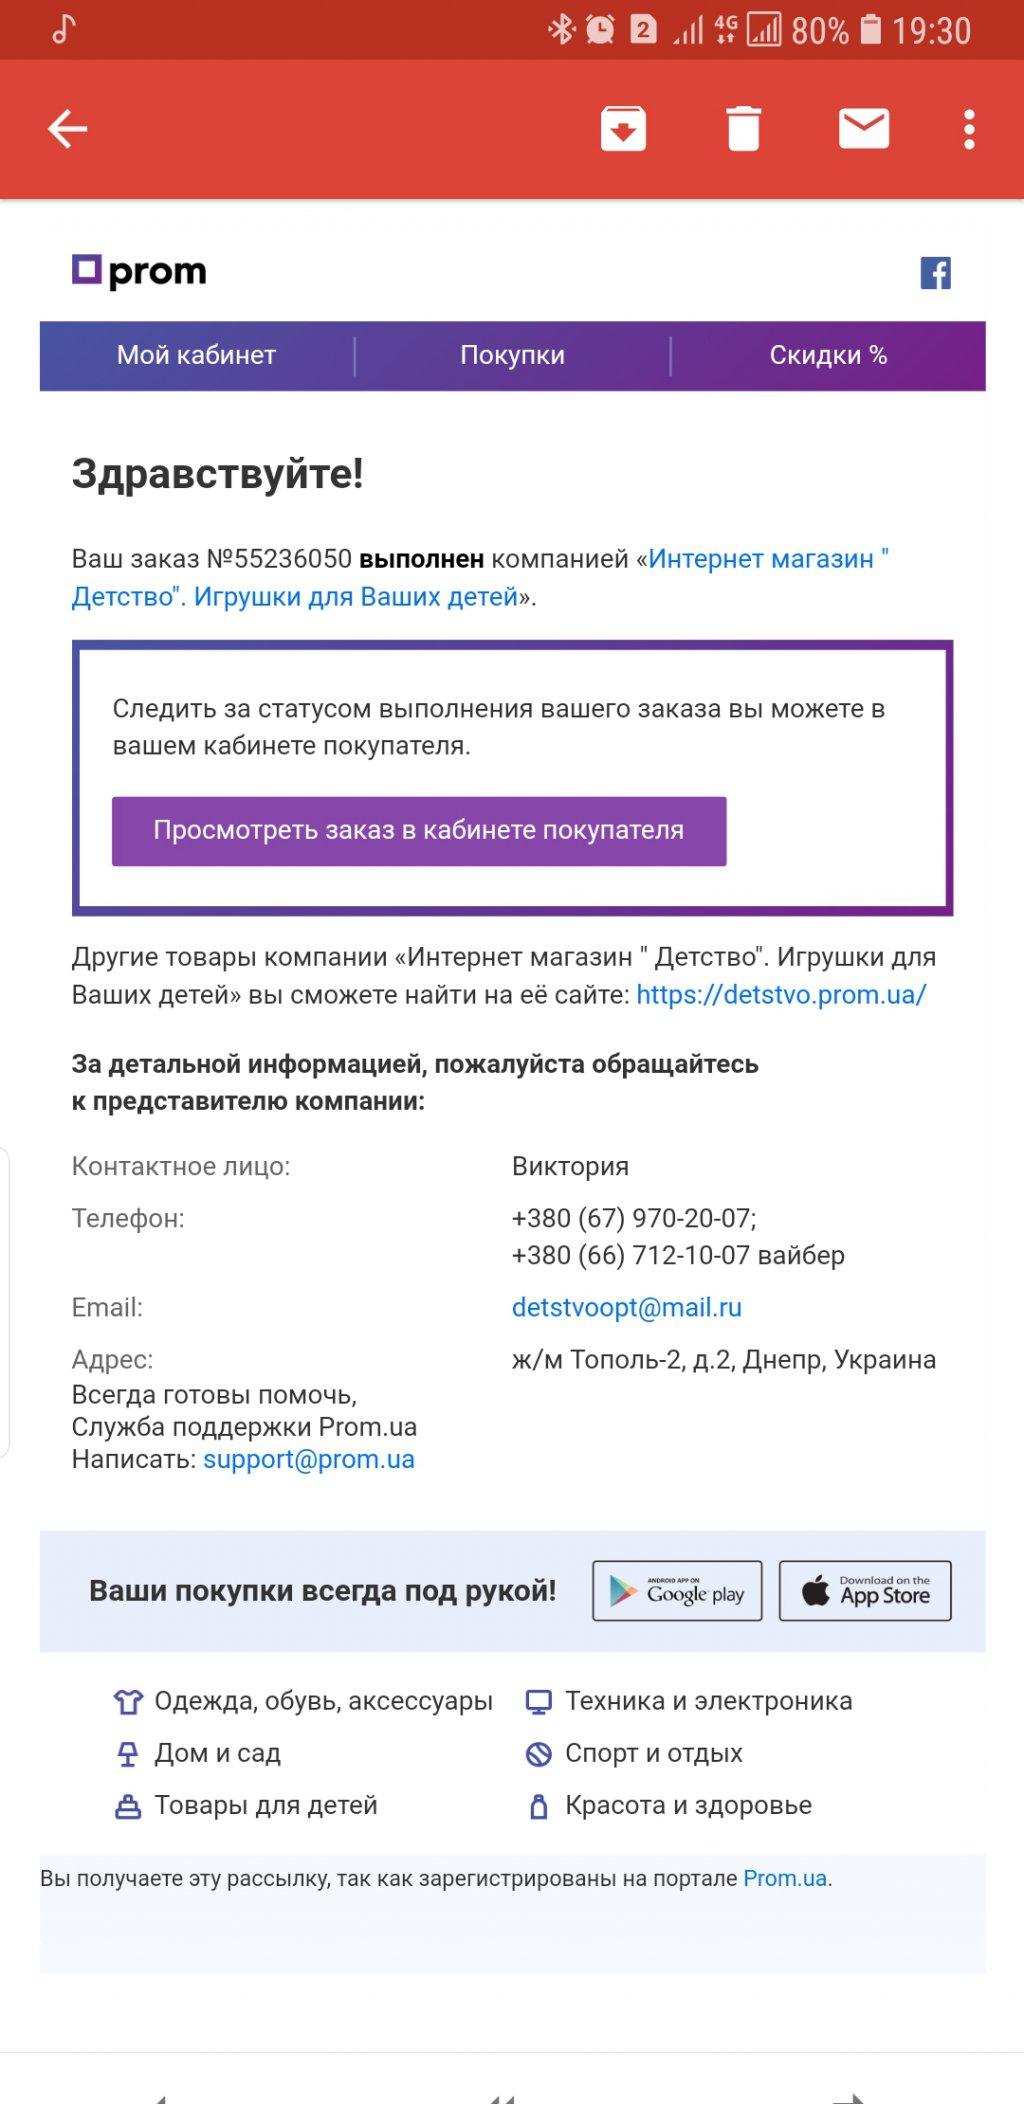 """Детские игрушки - Интернет-магазин """"Детство"""", г. Днепр"""